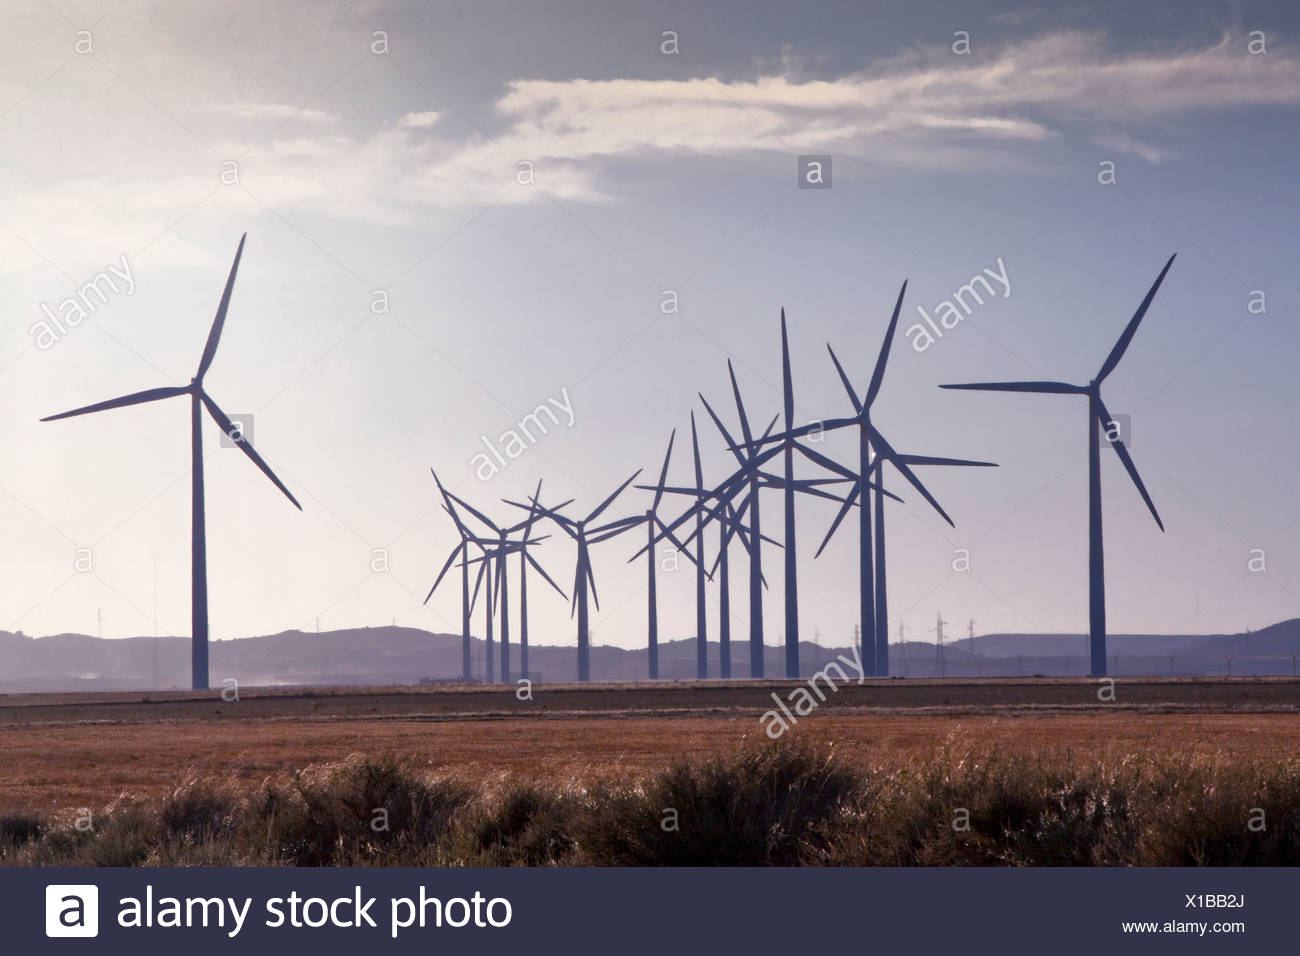 L'Espagne, l'Europe, Aragon, d'éoliennes, l'énergie éolienne, l'éolienne, l'énergie, à Belchite, écologique Photo Stock